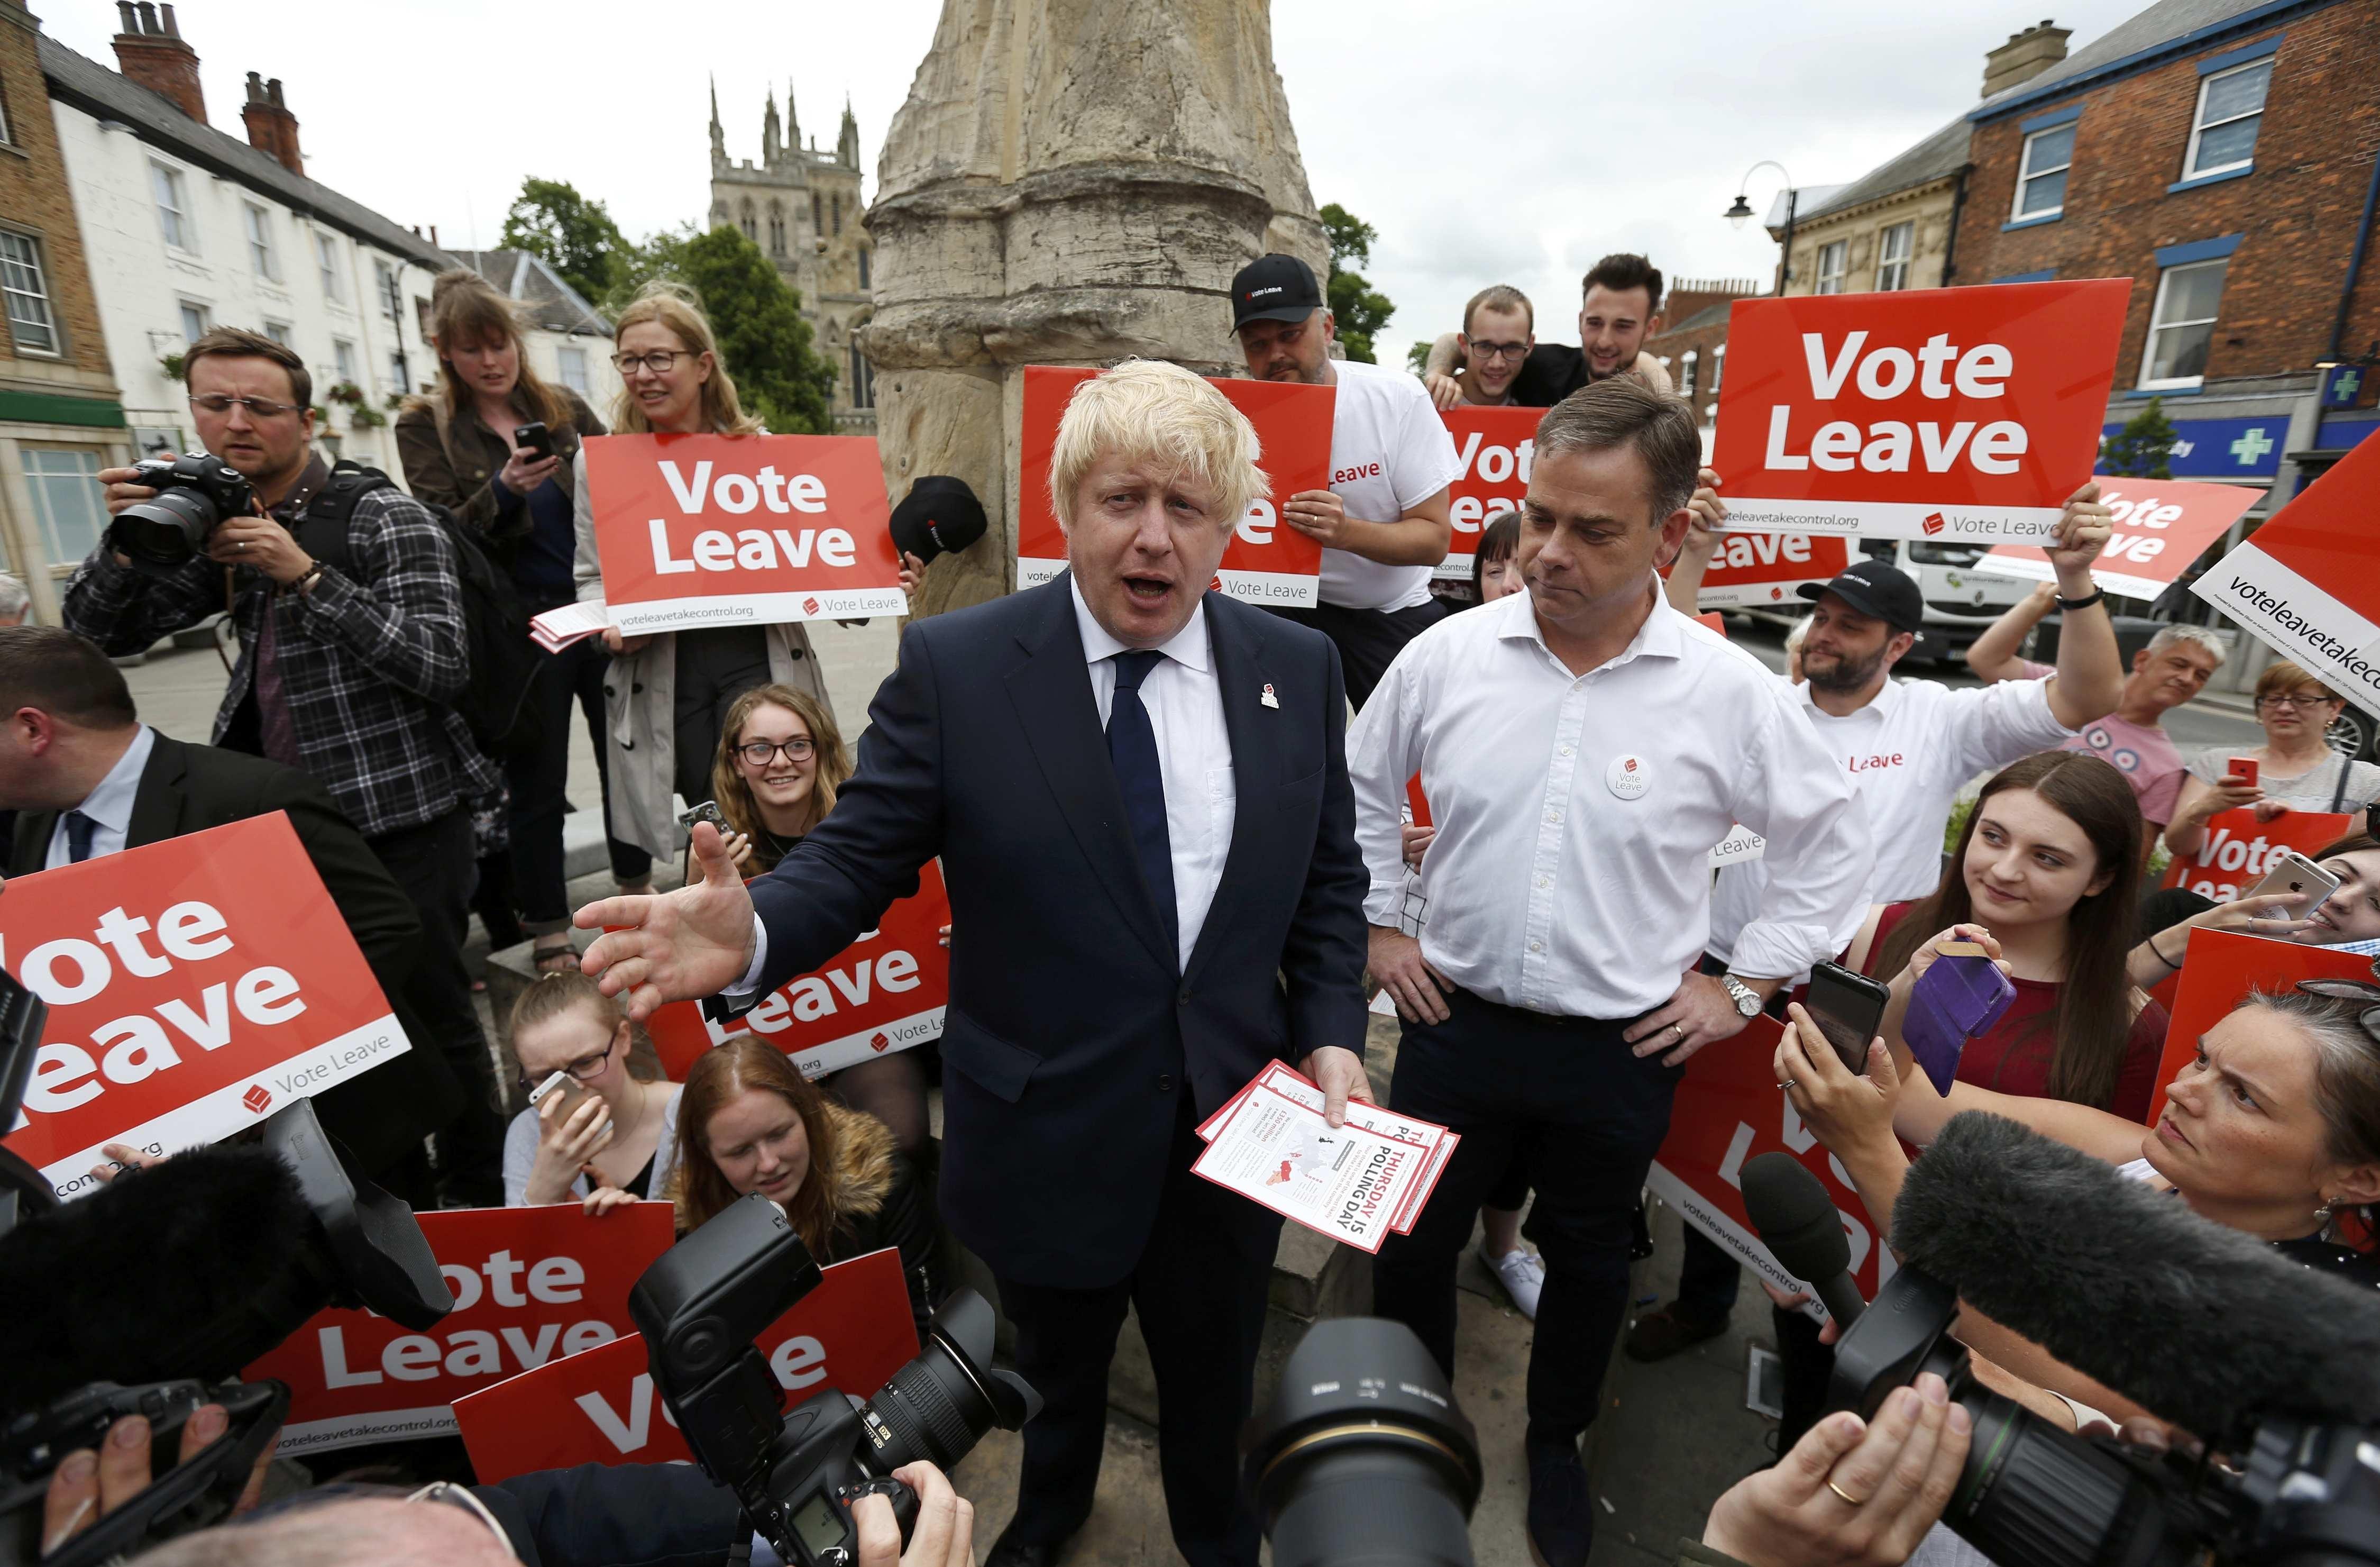 """Cựu thị trưởng London Boris Johnson ủng hộ Anh rời EU trong bài diễn thuyết mang tên """"Bỏ phiếu rời đi"""" tại Selby hôm 22/6. Các chính trị gia đang cố gắng tranh thủ những giờ phút cuối cùng trước khi thời điểm bỏ phiếu kết thúc để kêu gọi người dân (Ảnh: Reuters)"""